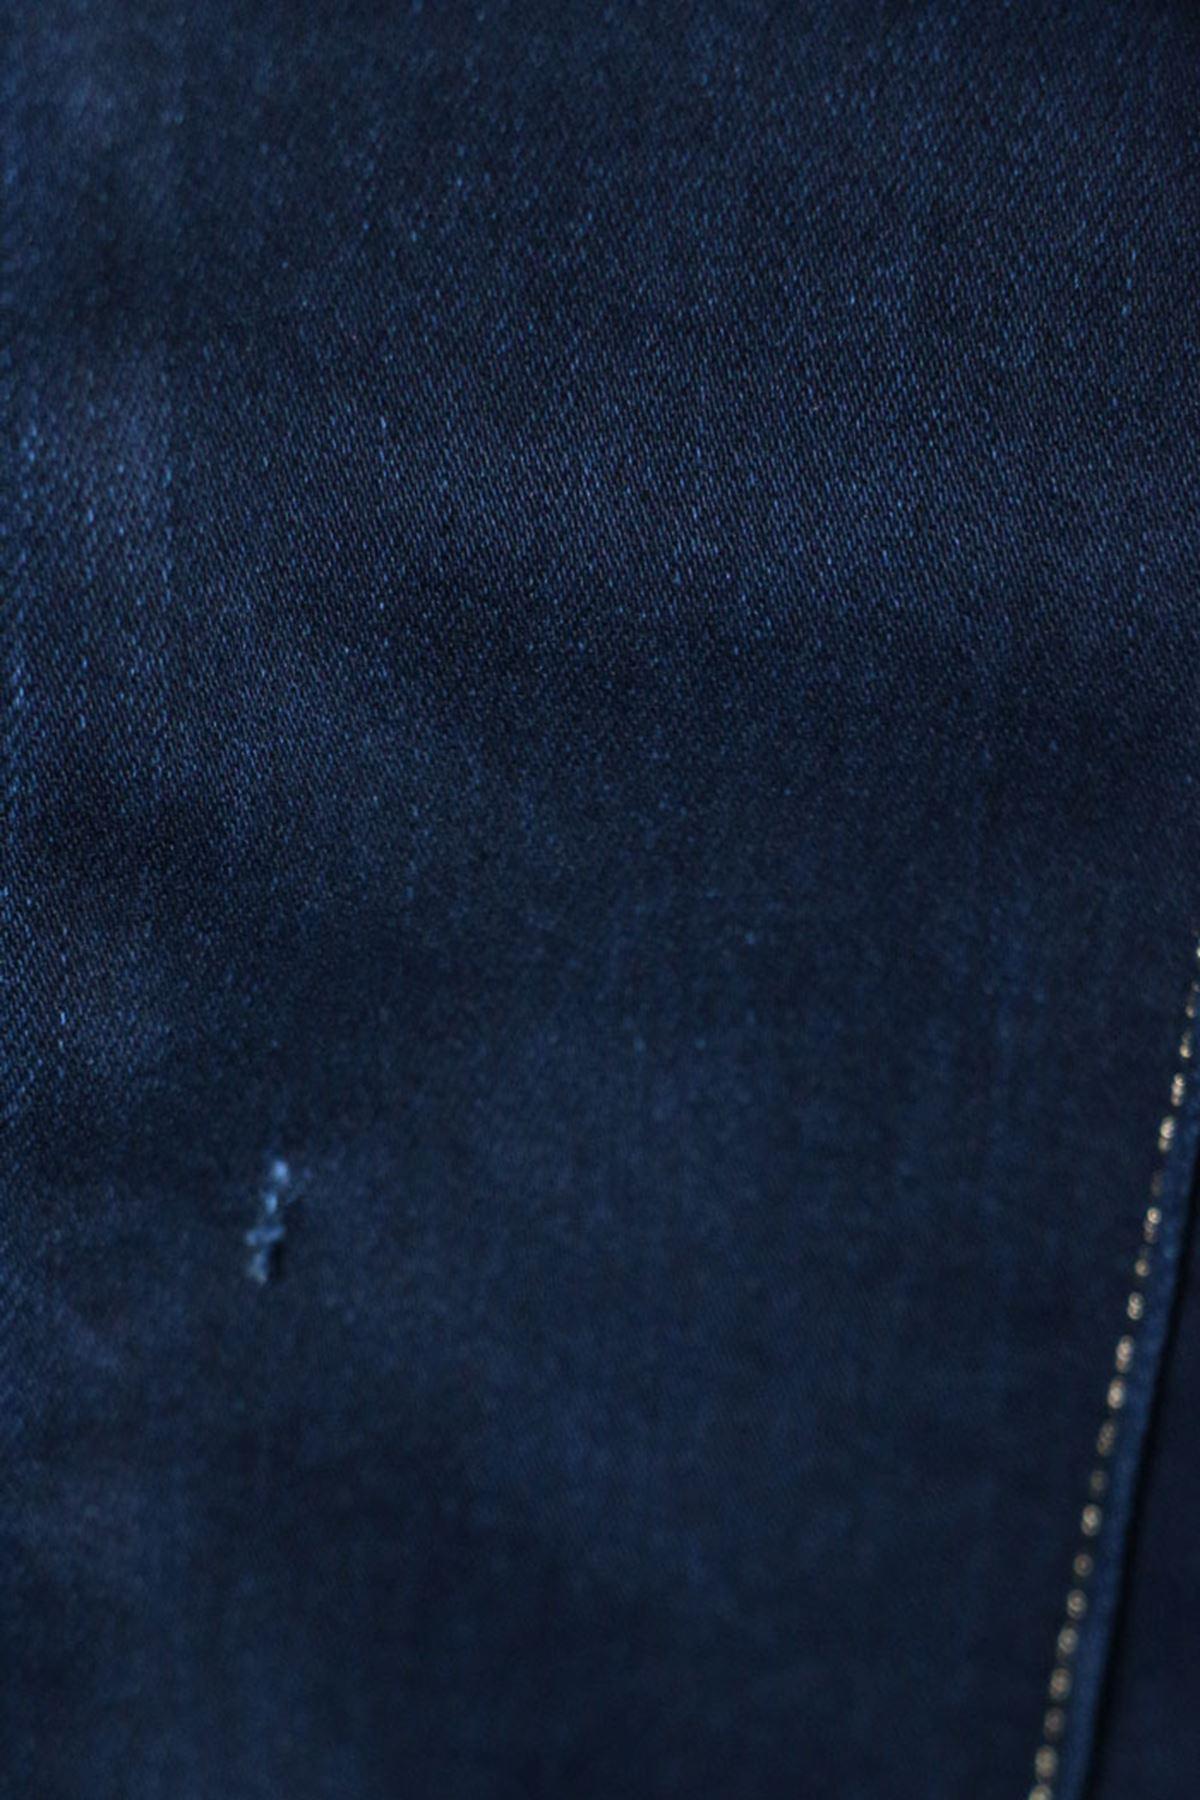 D-9127 Büyük Beden Defolu Çimalı Dar Paça Kot Pantalon-Lacivert